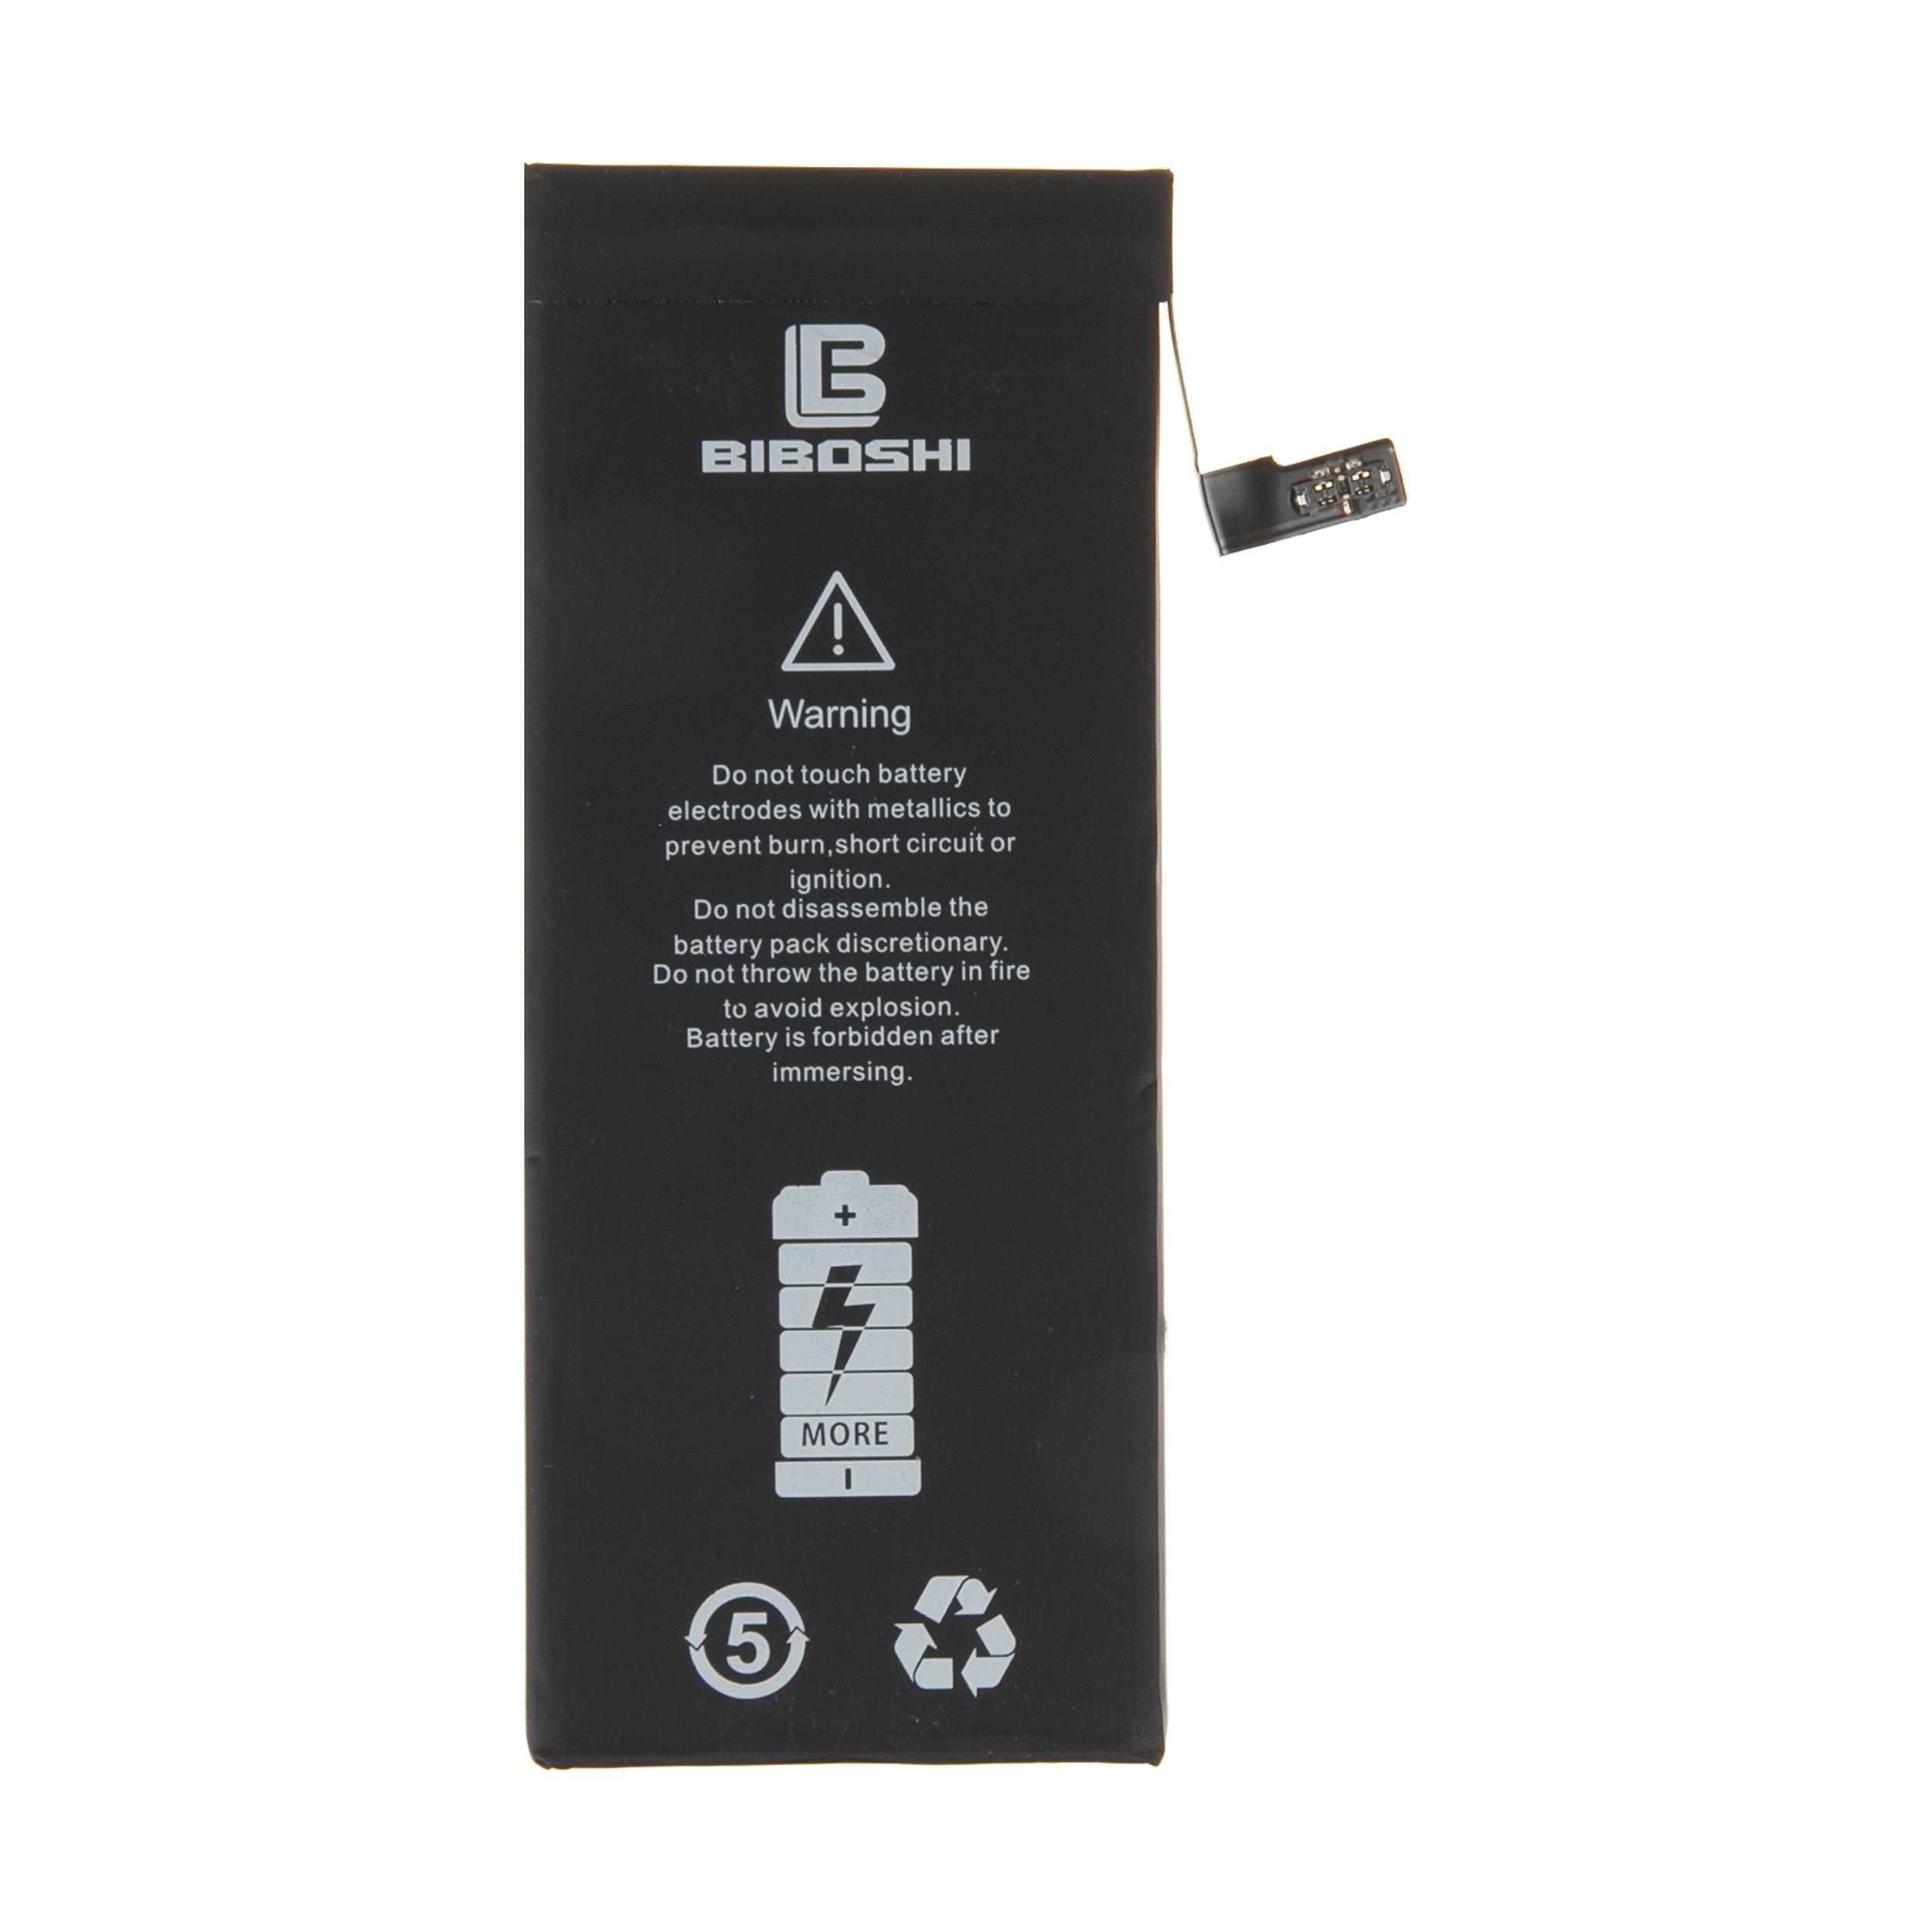 باتری موبایل بیبوشی مدل IP6S ظرفیت 1715 میلی آمپر ساعت مناسب برای گوشی موبایل اپل IPhone 6S